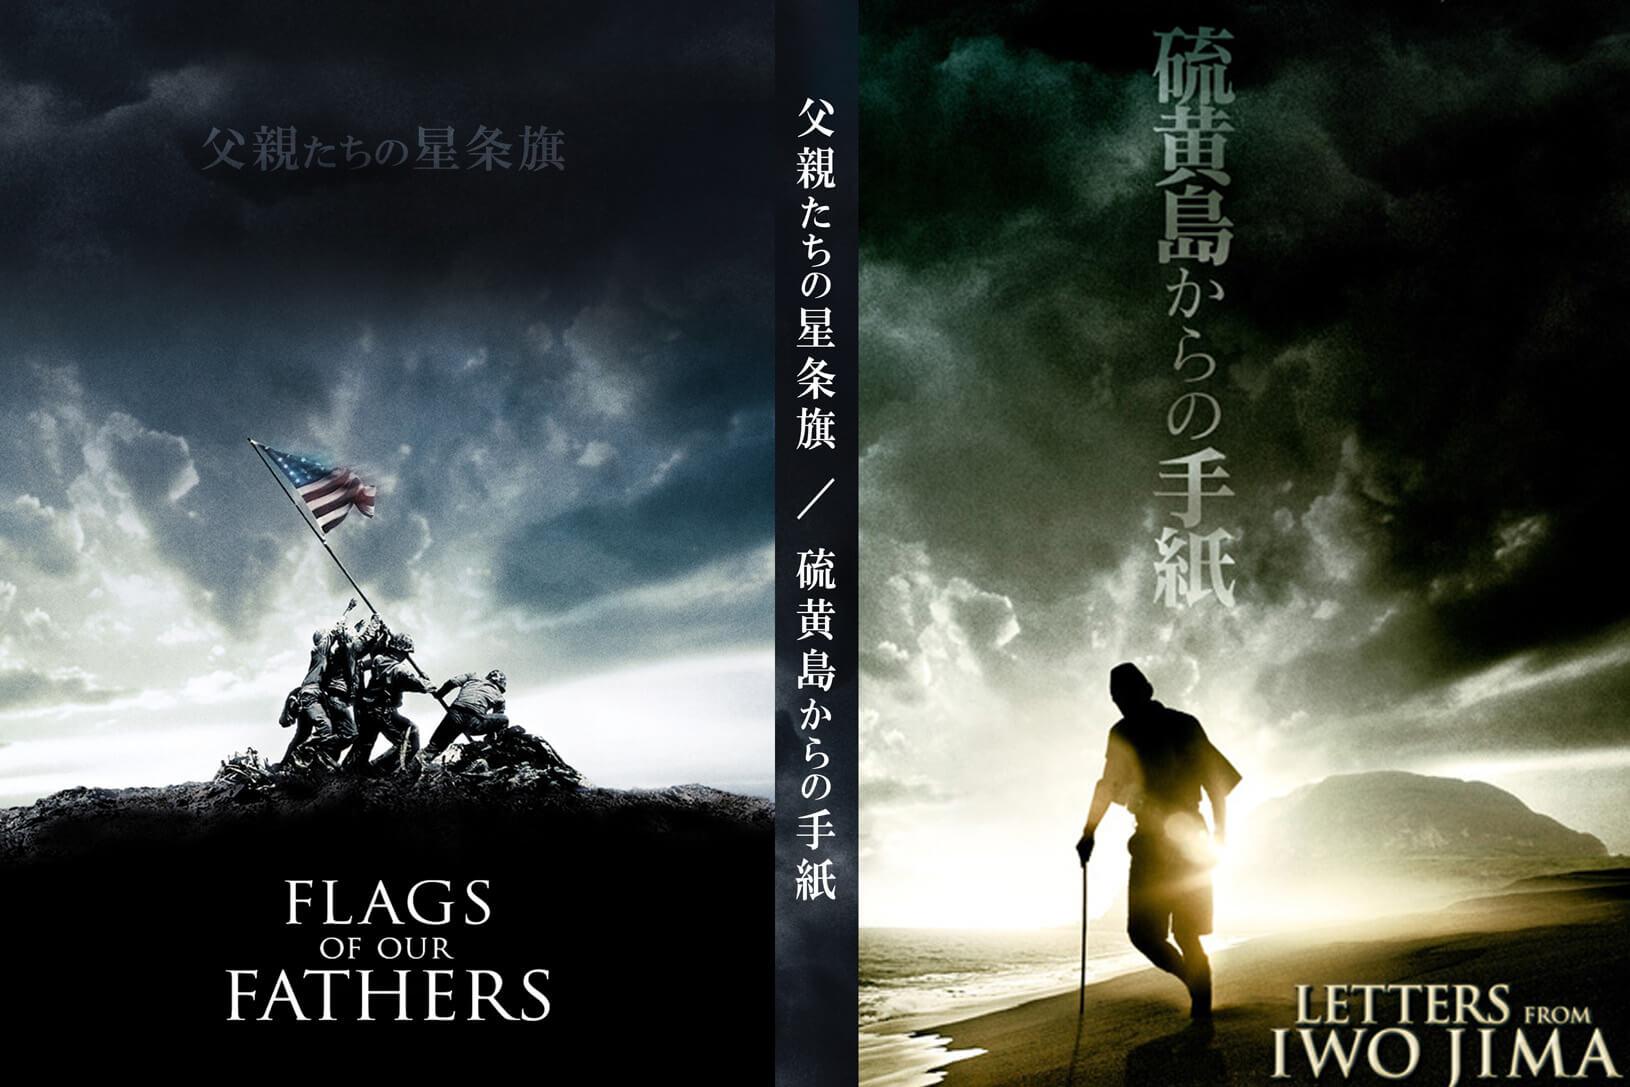 硫黄島からの手紙 父親たちの星条旗 Flags of Our Fathers_letter from iojima